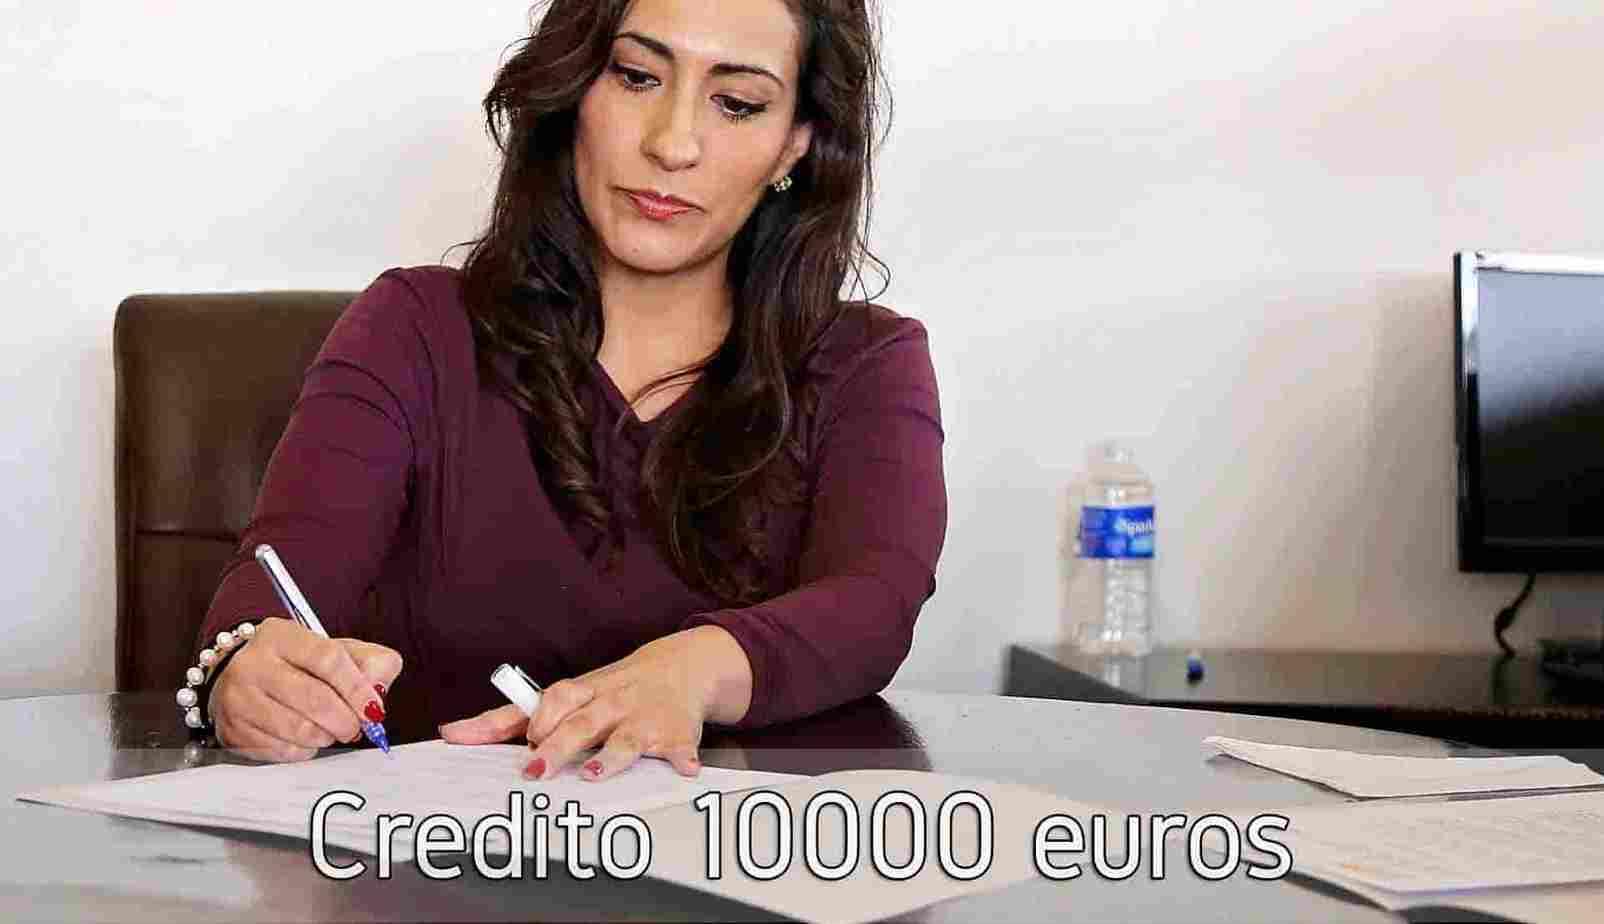 Credito 10000 euros